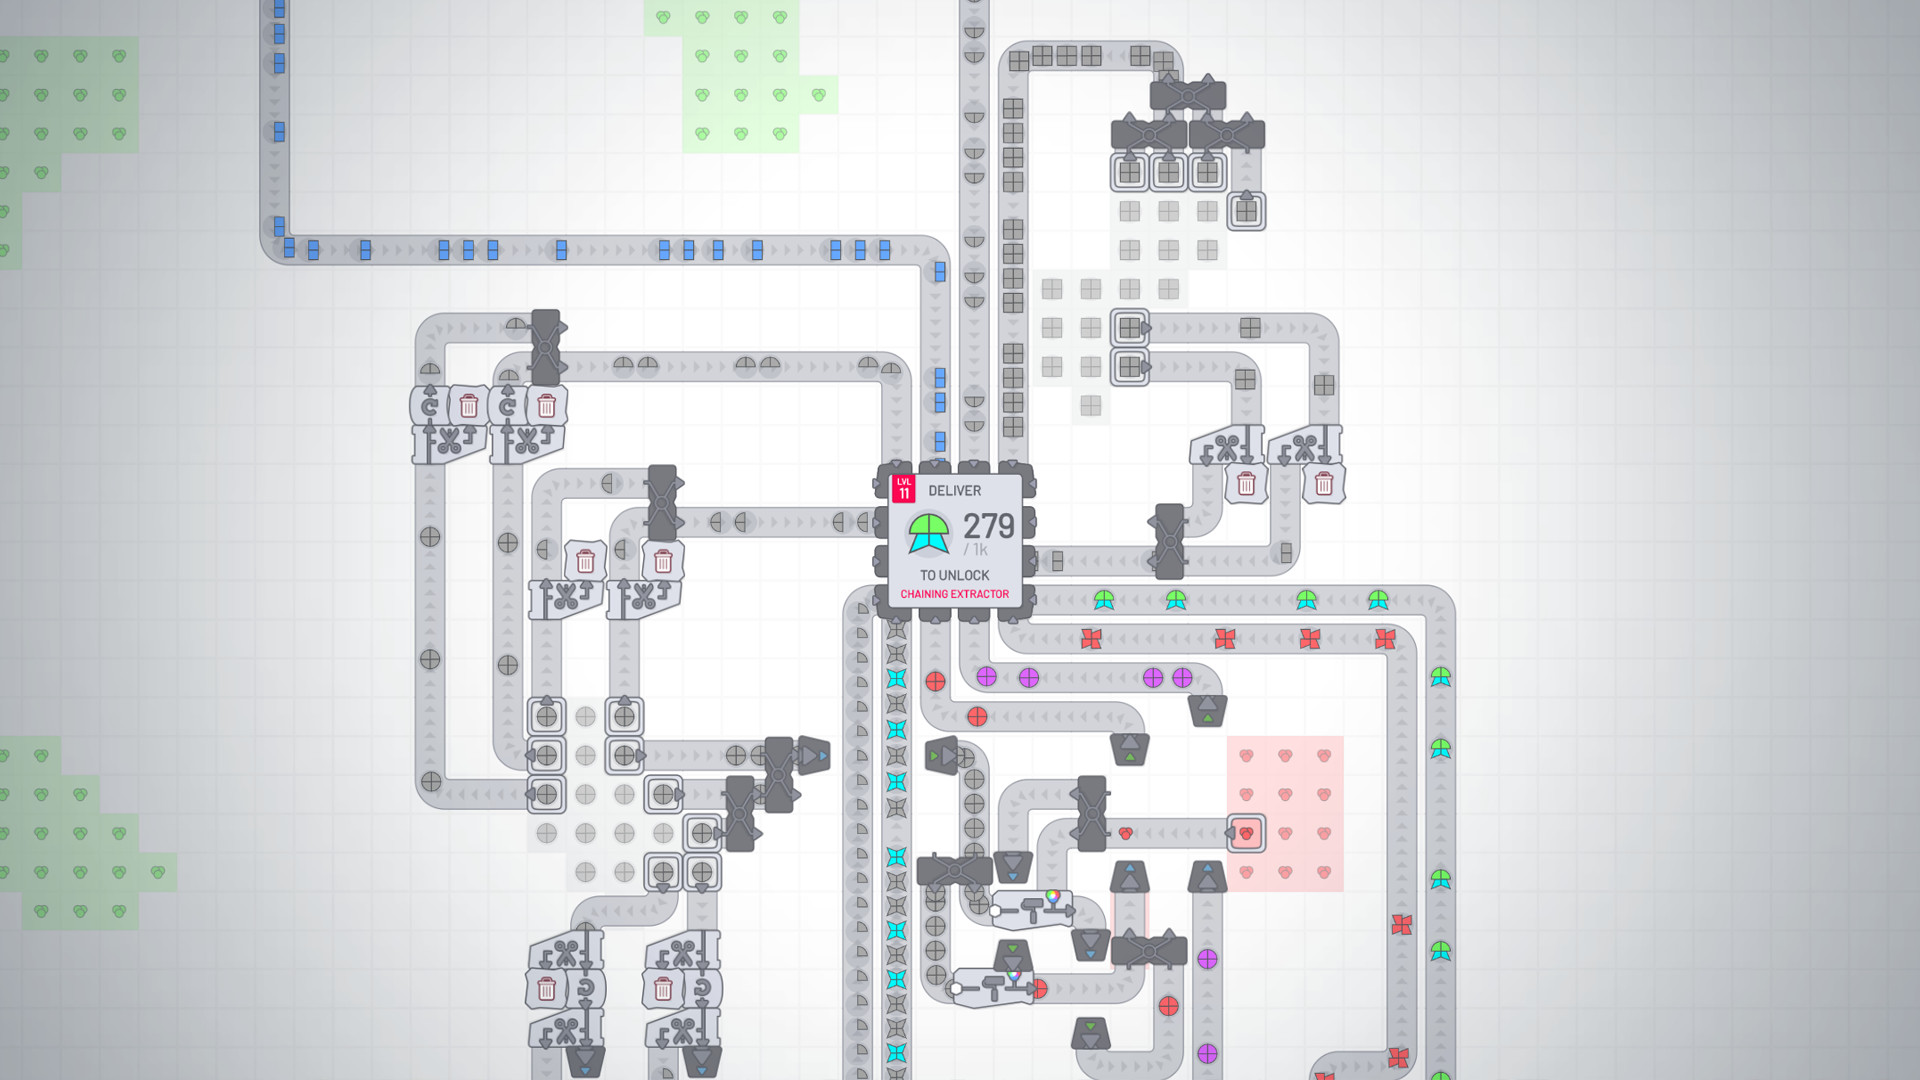 Shapez.io - Top underappreciated indie games of 2020